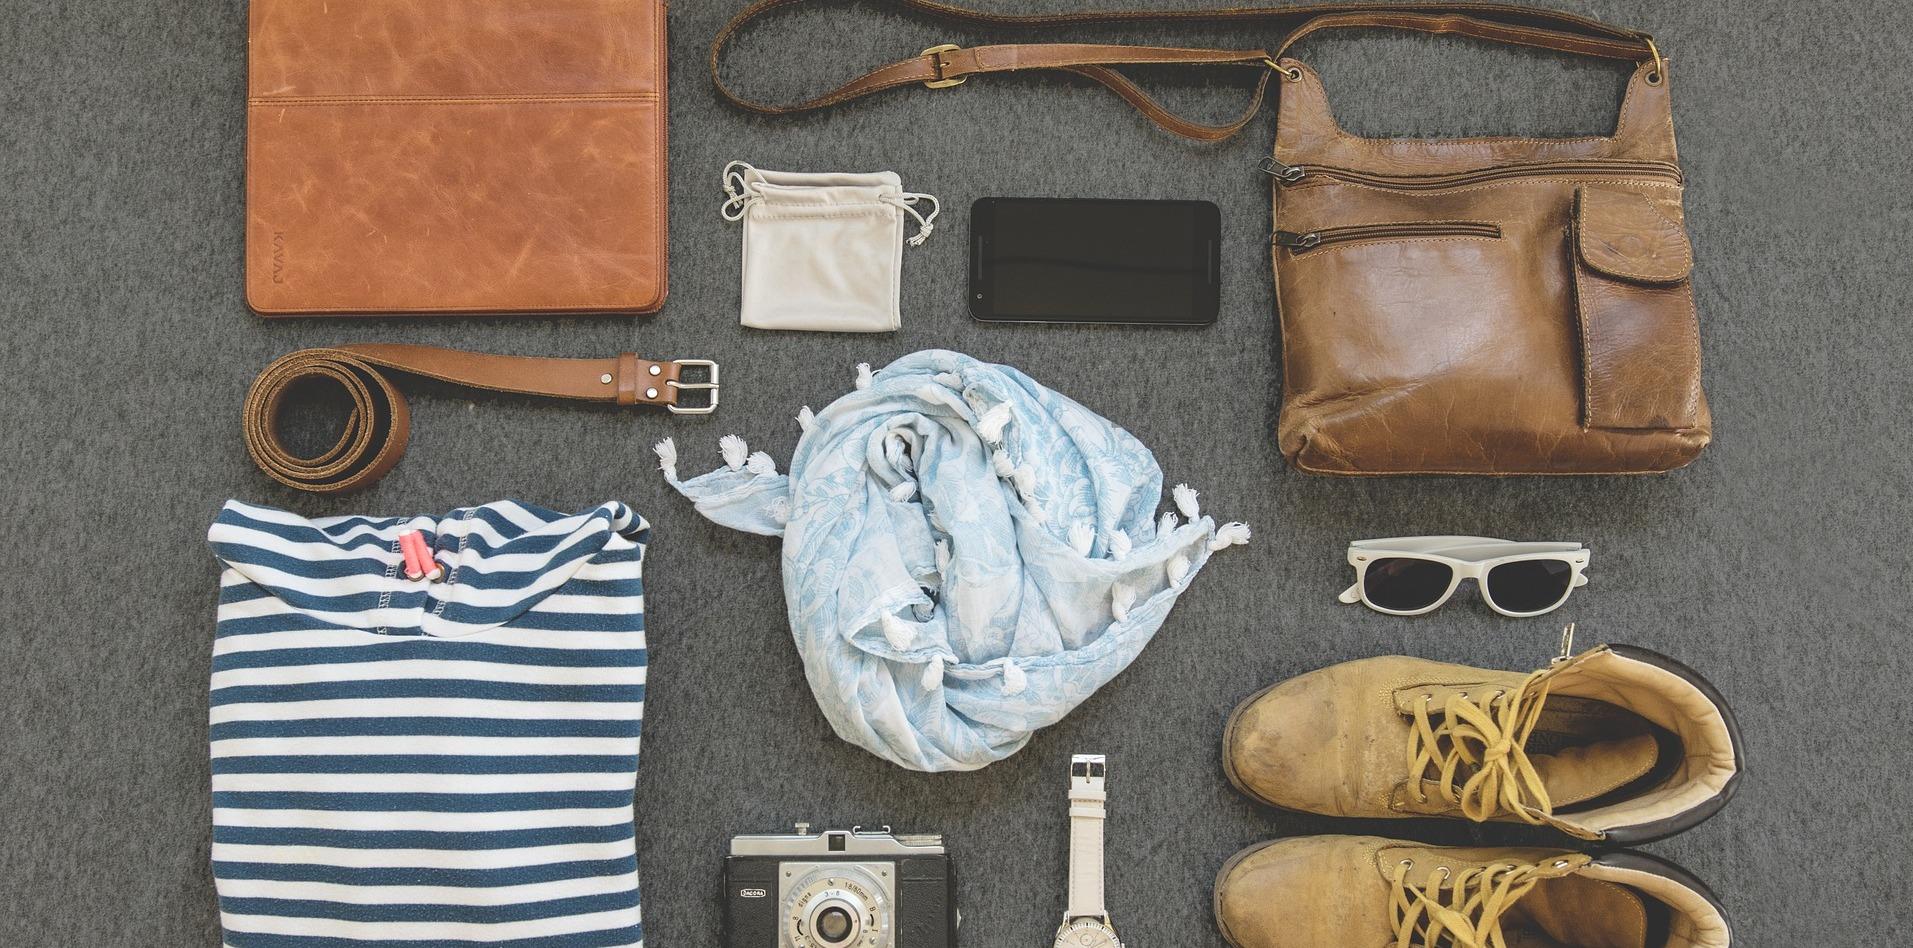 Jeder hat seinen Rucksack zu tragen – da sollte er doch wenigstens schön sein!